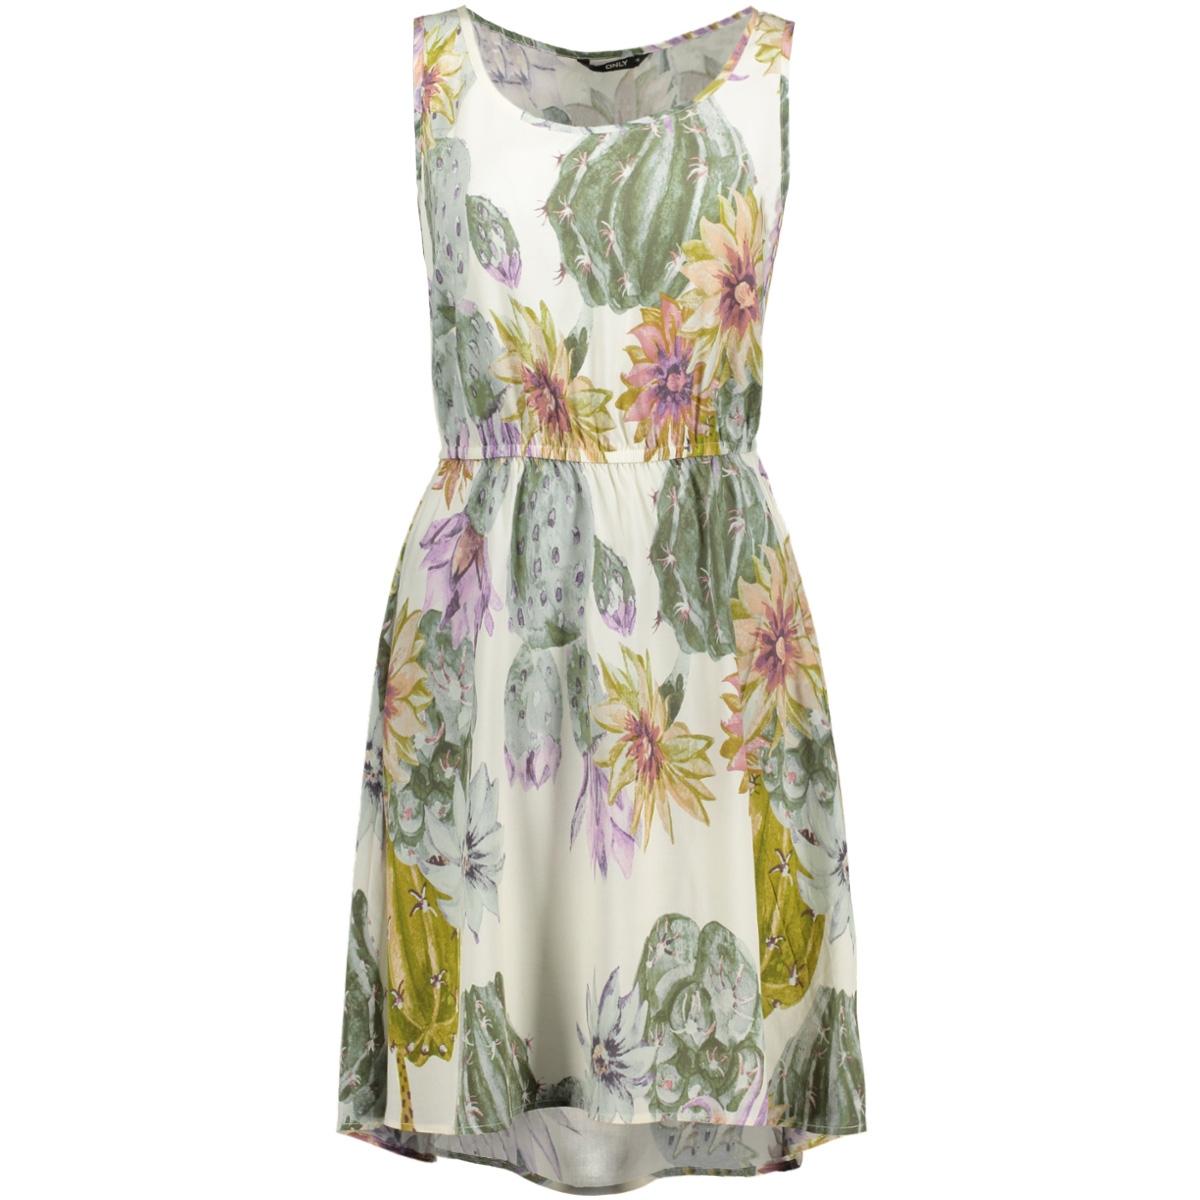 onlnova s/l sarah dress aop wvn 15137474 only jurk whisper white/ desert cactus